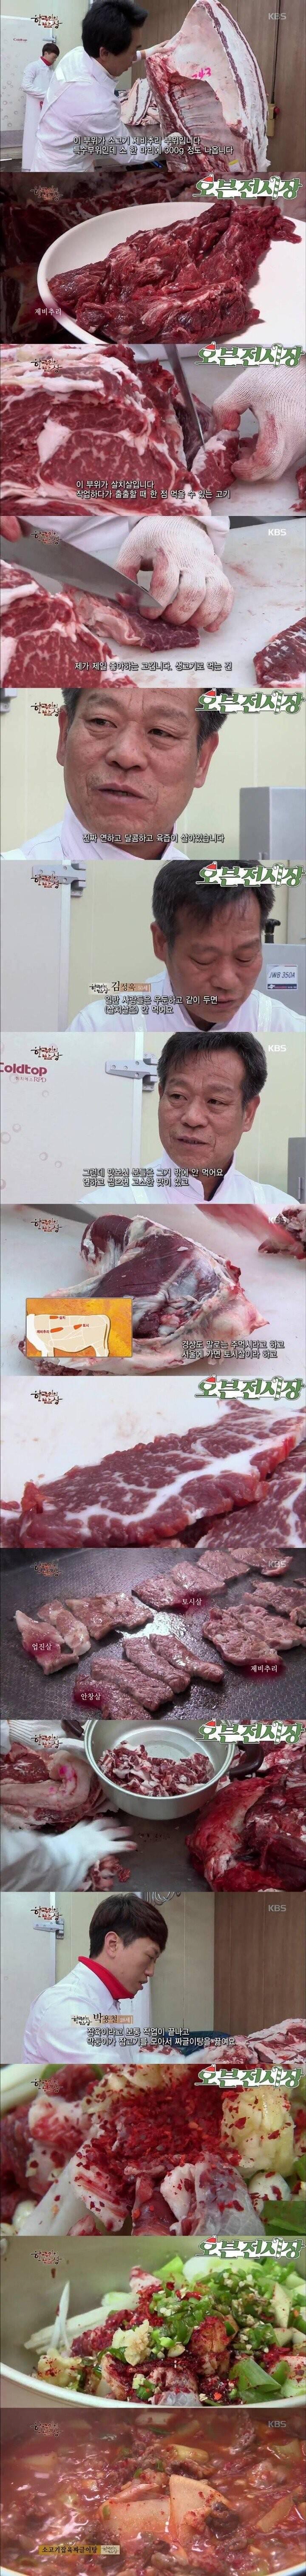 발골사들이 꼽는 소고기 맛있는 부위 | 인스티즈